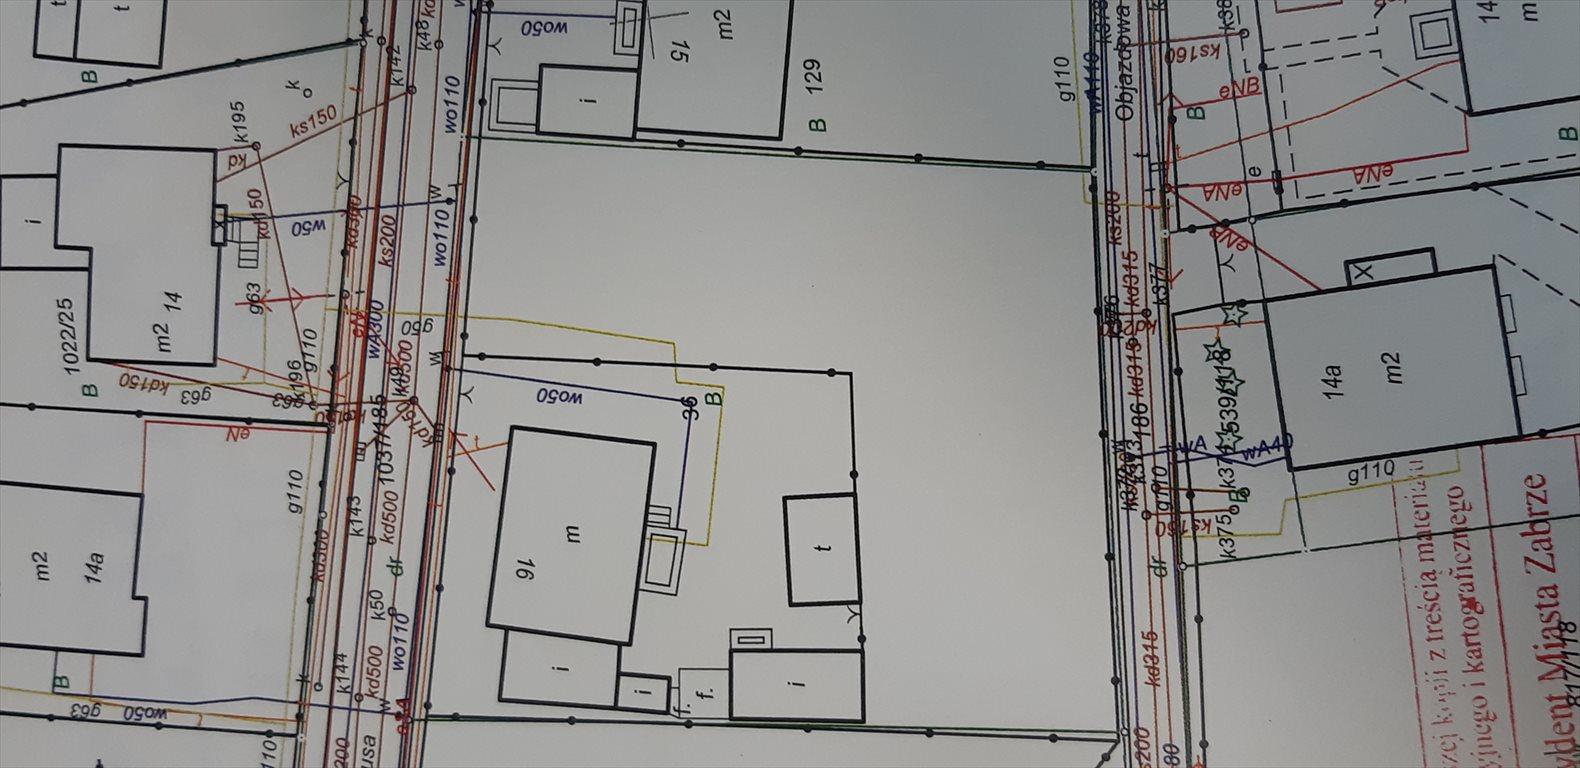 Działka budowlana na sprzedaż Zabrze, Maciejów, ul. prof. Walerego Fontanusa  1450m2 Foto 1